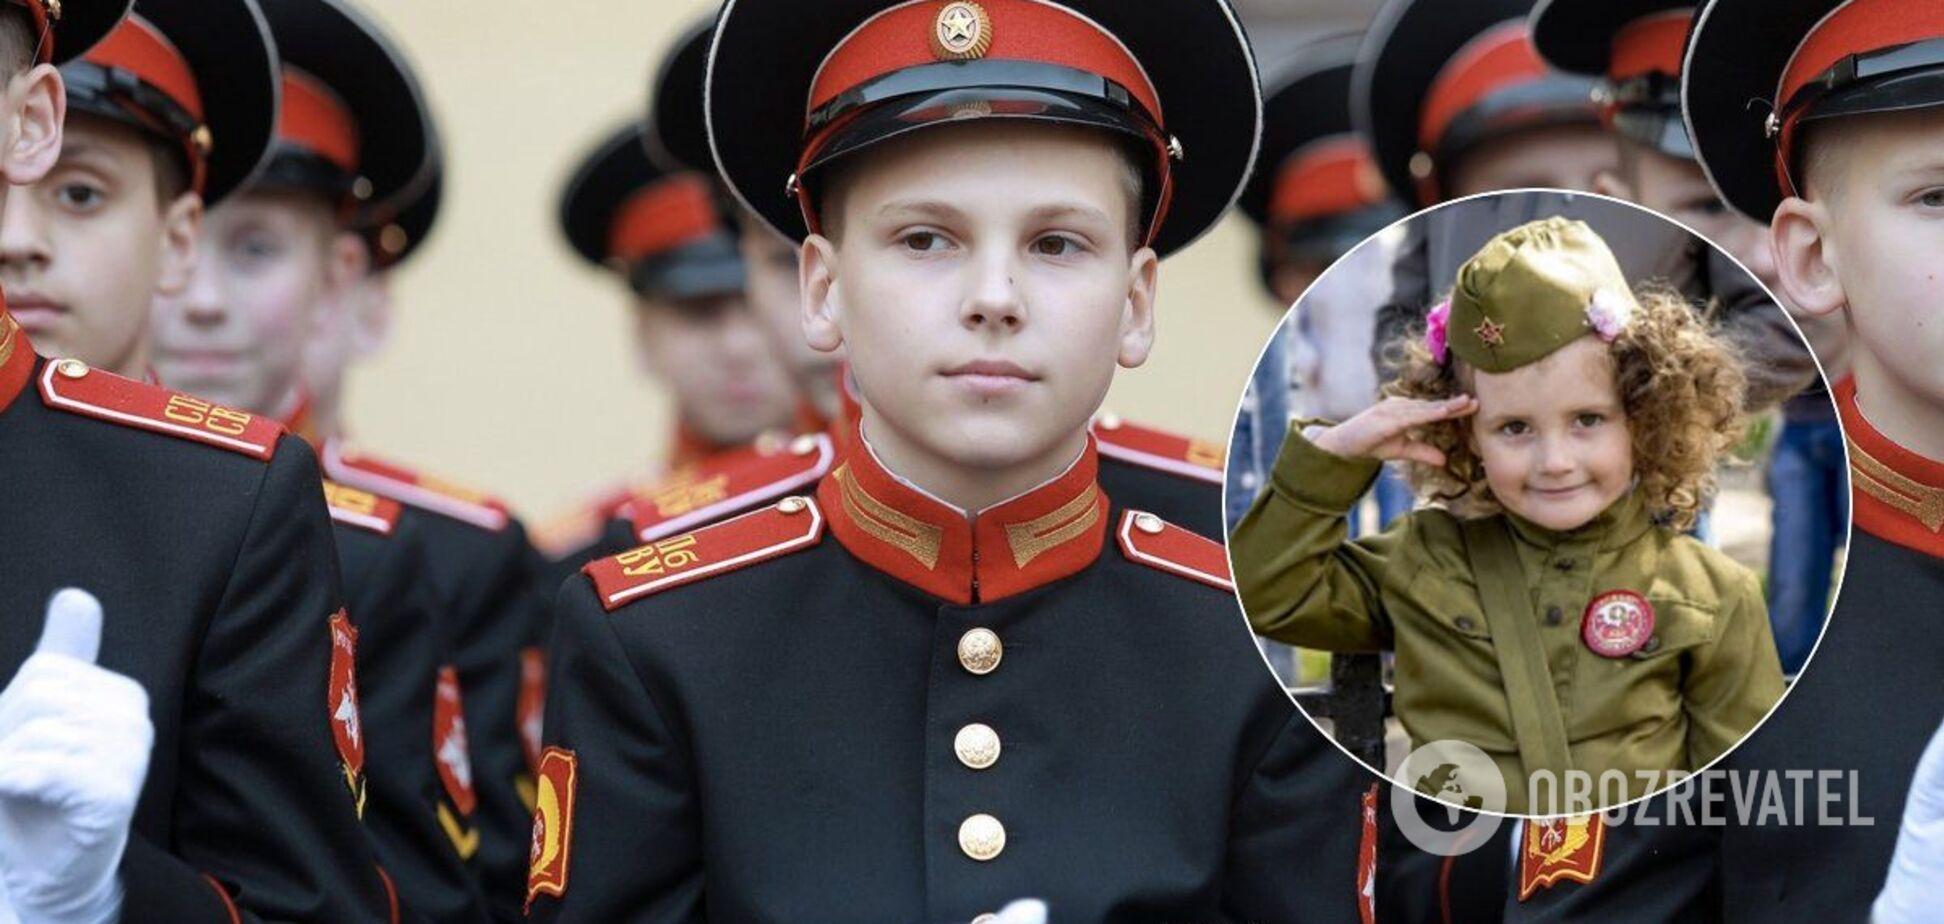 Россия использует подростков в войне на Донбассе, – Гай